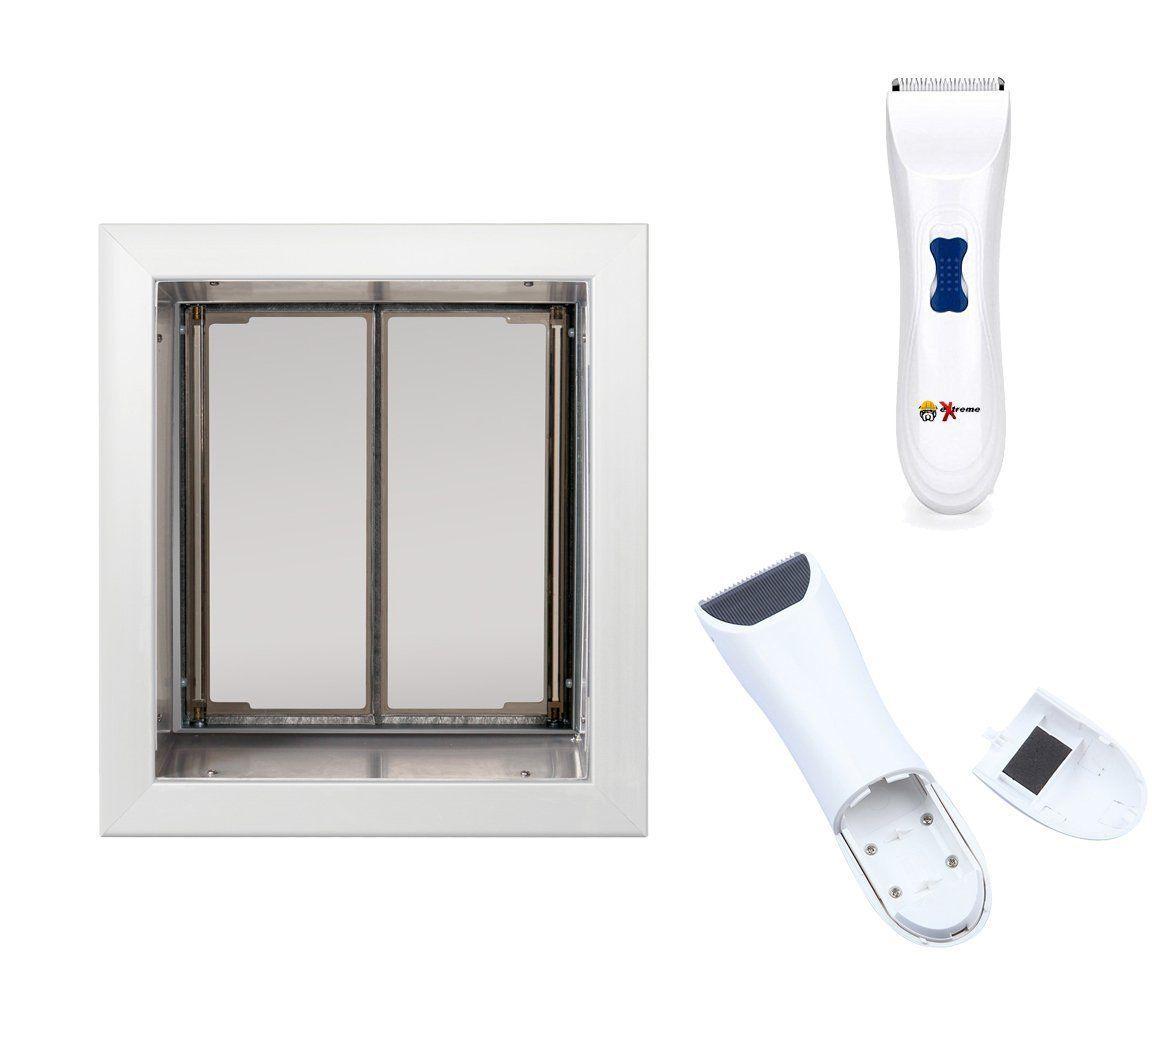 Plexidor Weatherproof Dog Doors Energy Efficient Pet Doors With